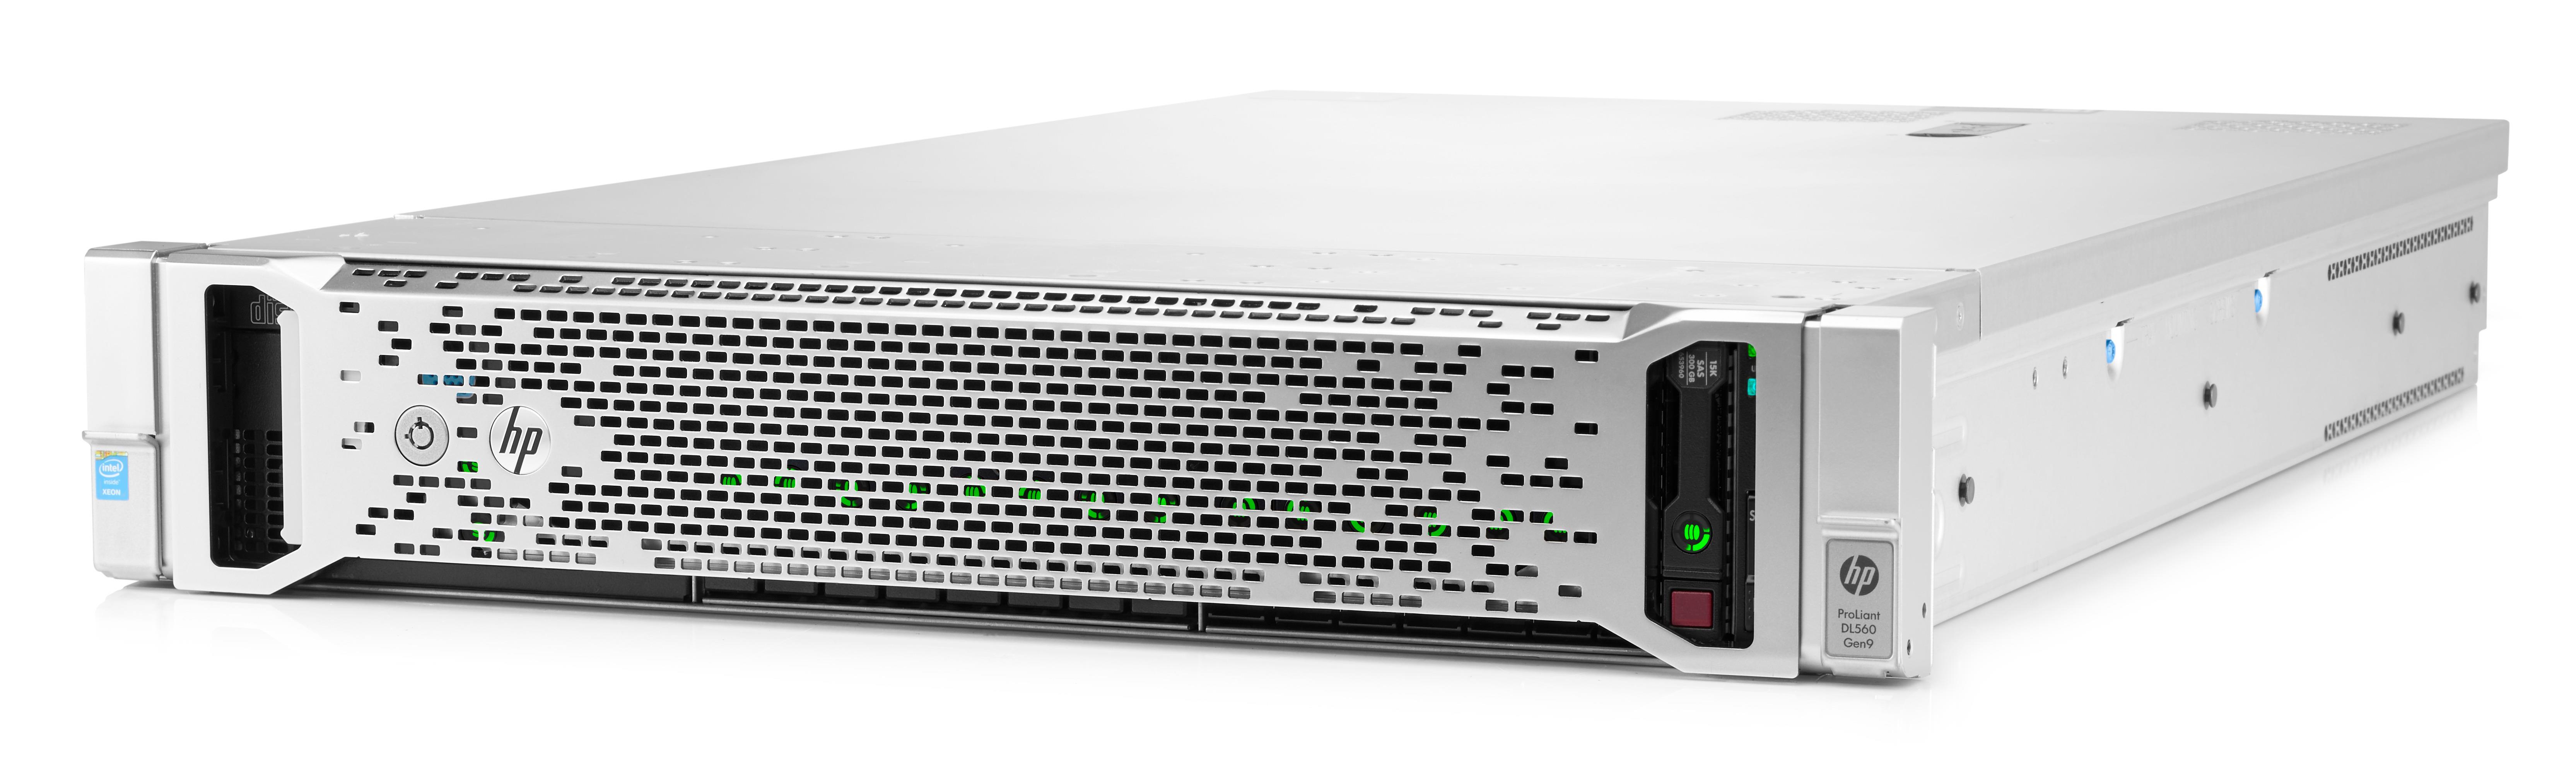 HP ProLiant DL560 Gen9 (2U) Entry Server (2P) Xeon E5 (4610 v3) 1.7GHz 32GB-R (No HDD) 8SFF SATA B140i (Matrox G200) with 1200W Power Supply